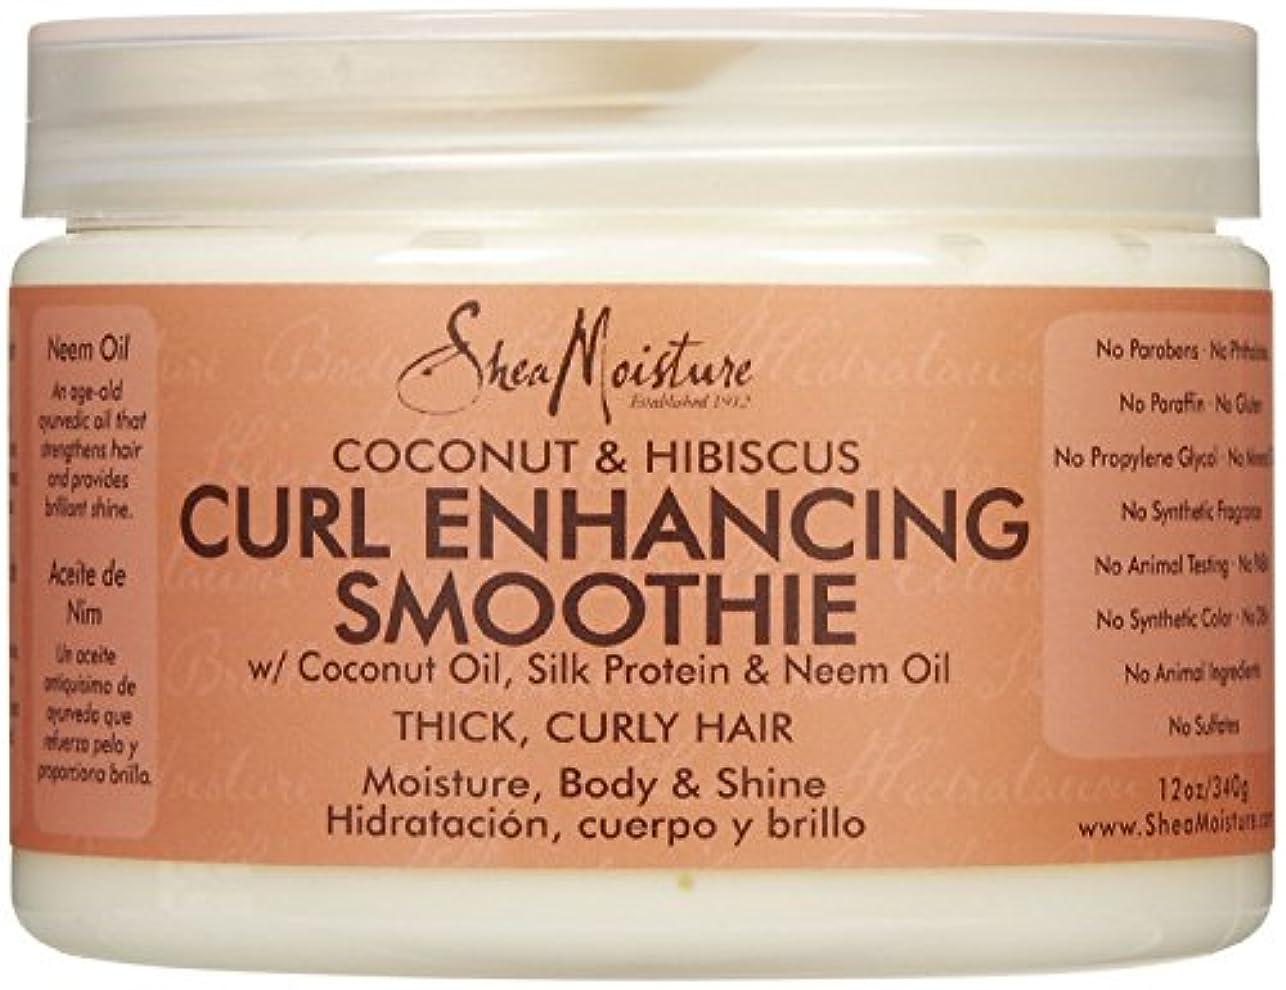 シーモイスチャー Shea Moisture Coconut Hibiscus Curl Enhancing Smoothie ヘアトリートメント